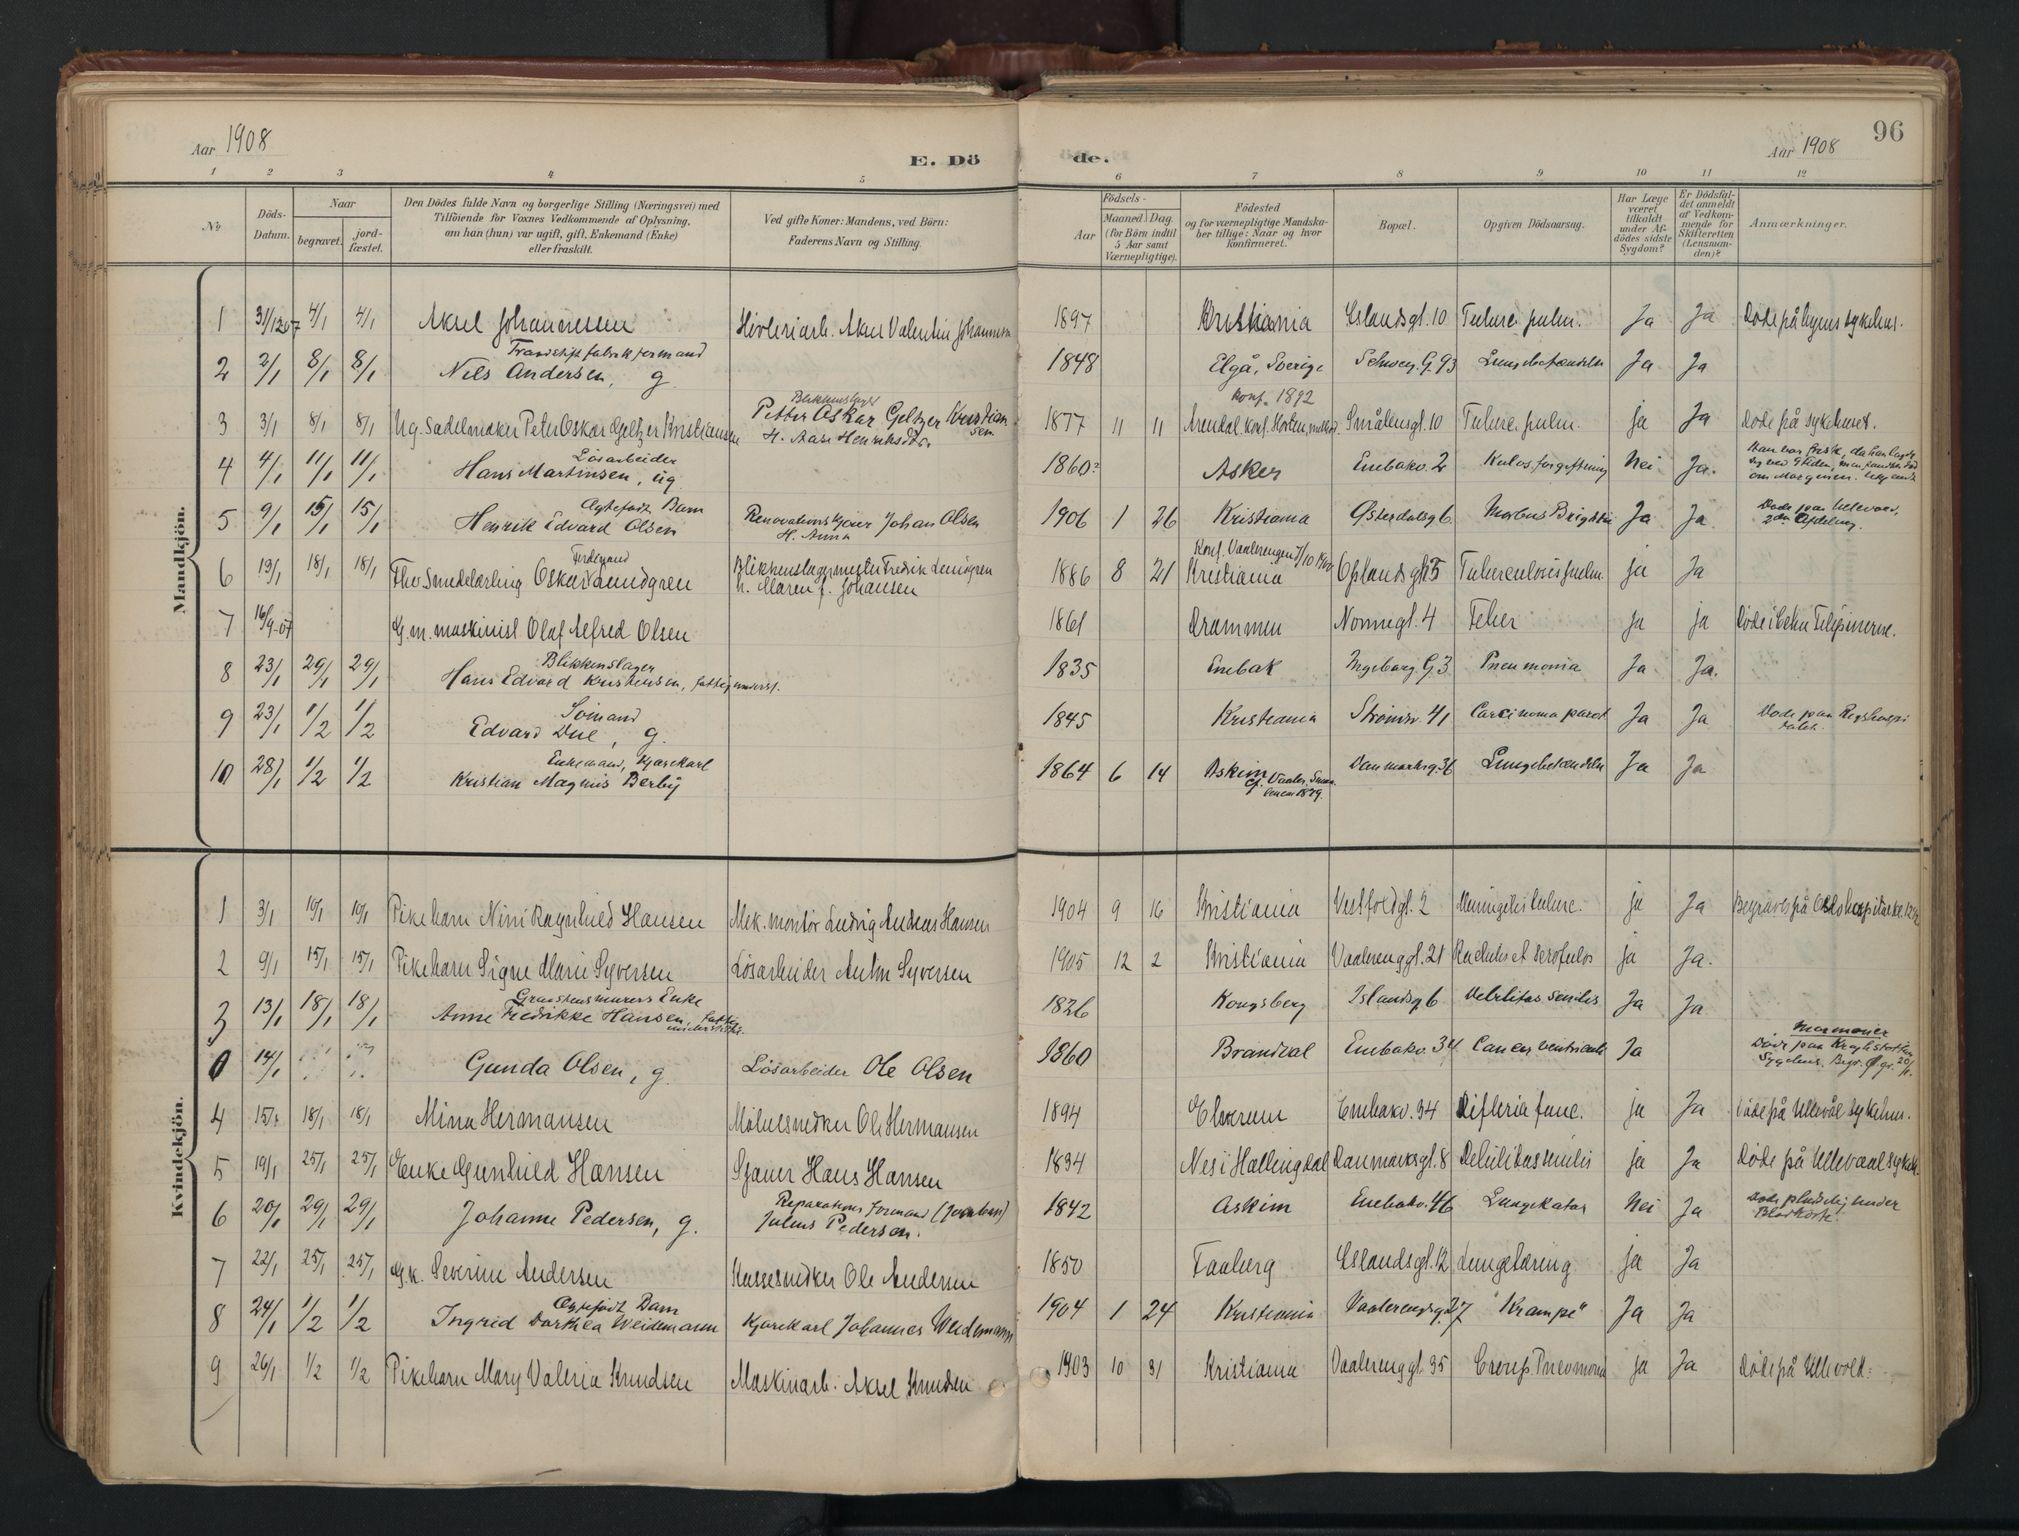 SAO, Vålerengen prestekontor Kirkebøker, F/Fa/L0003: Ministerialbok nr. 3, 1899-1930, s. 96